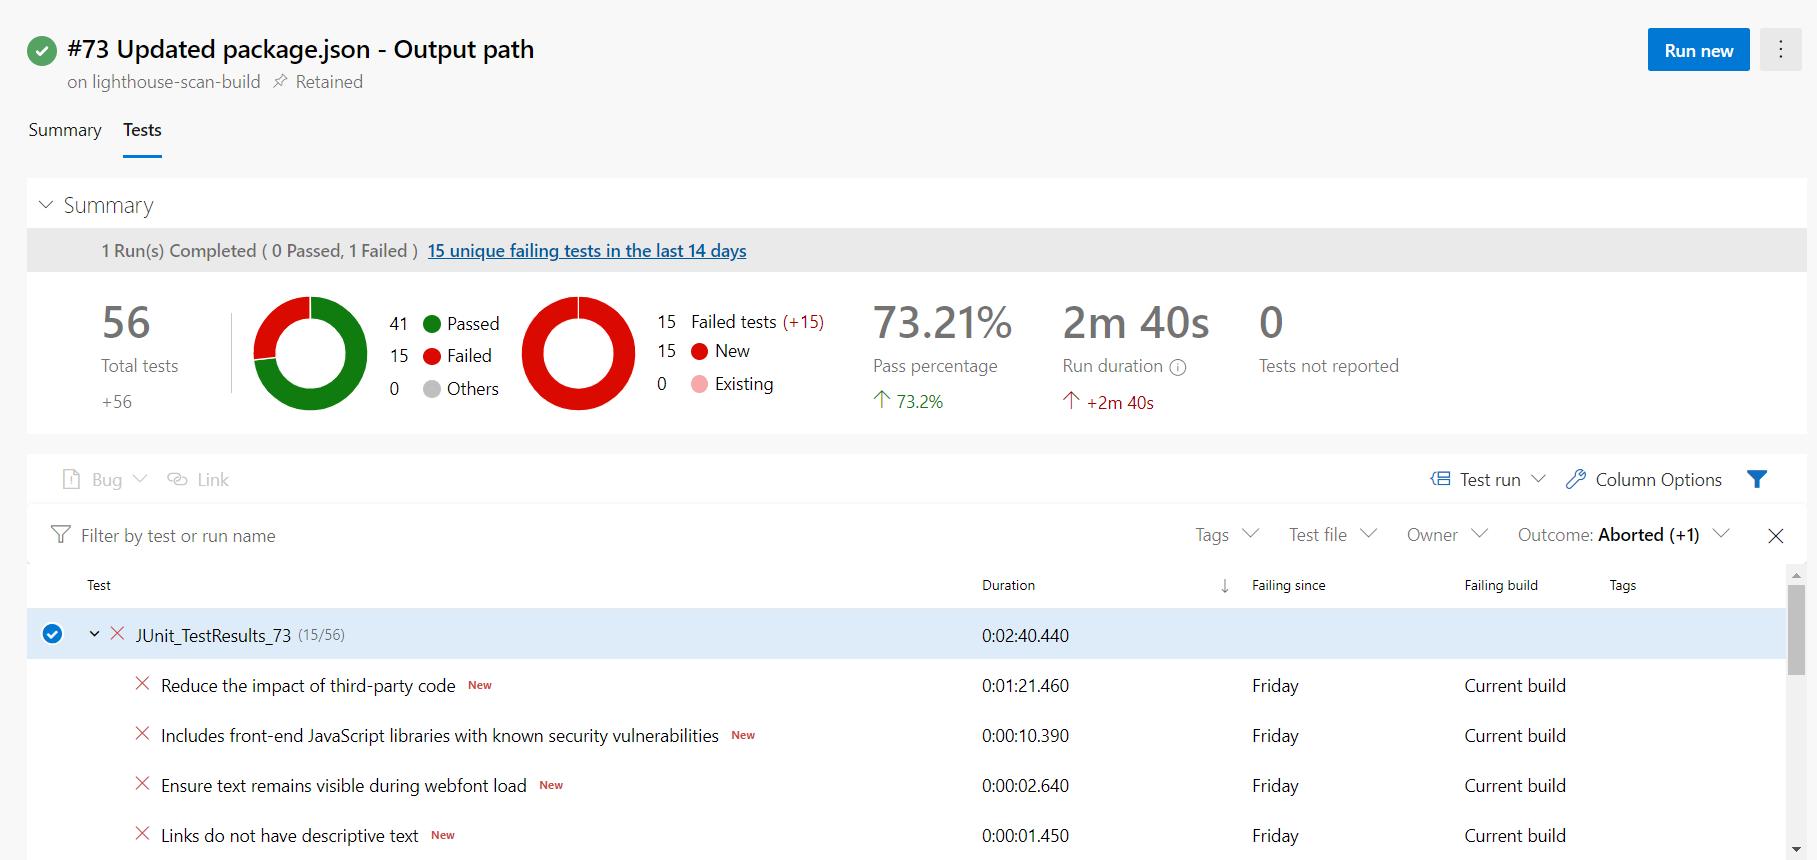 Azure DevOps Build with Tests